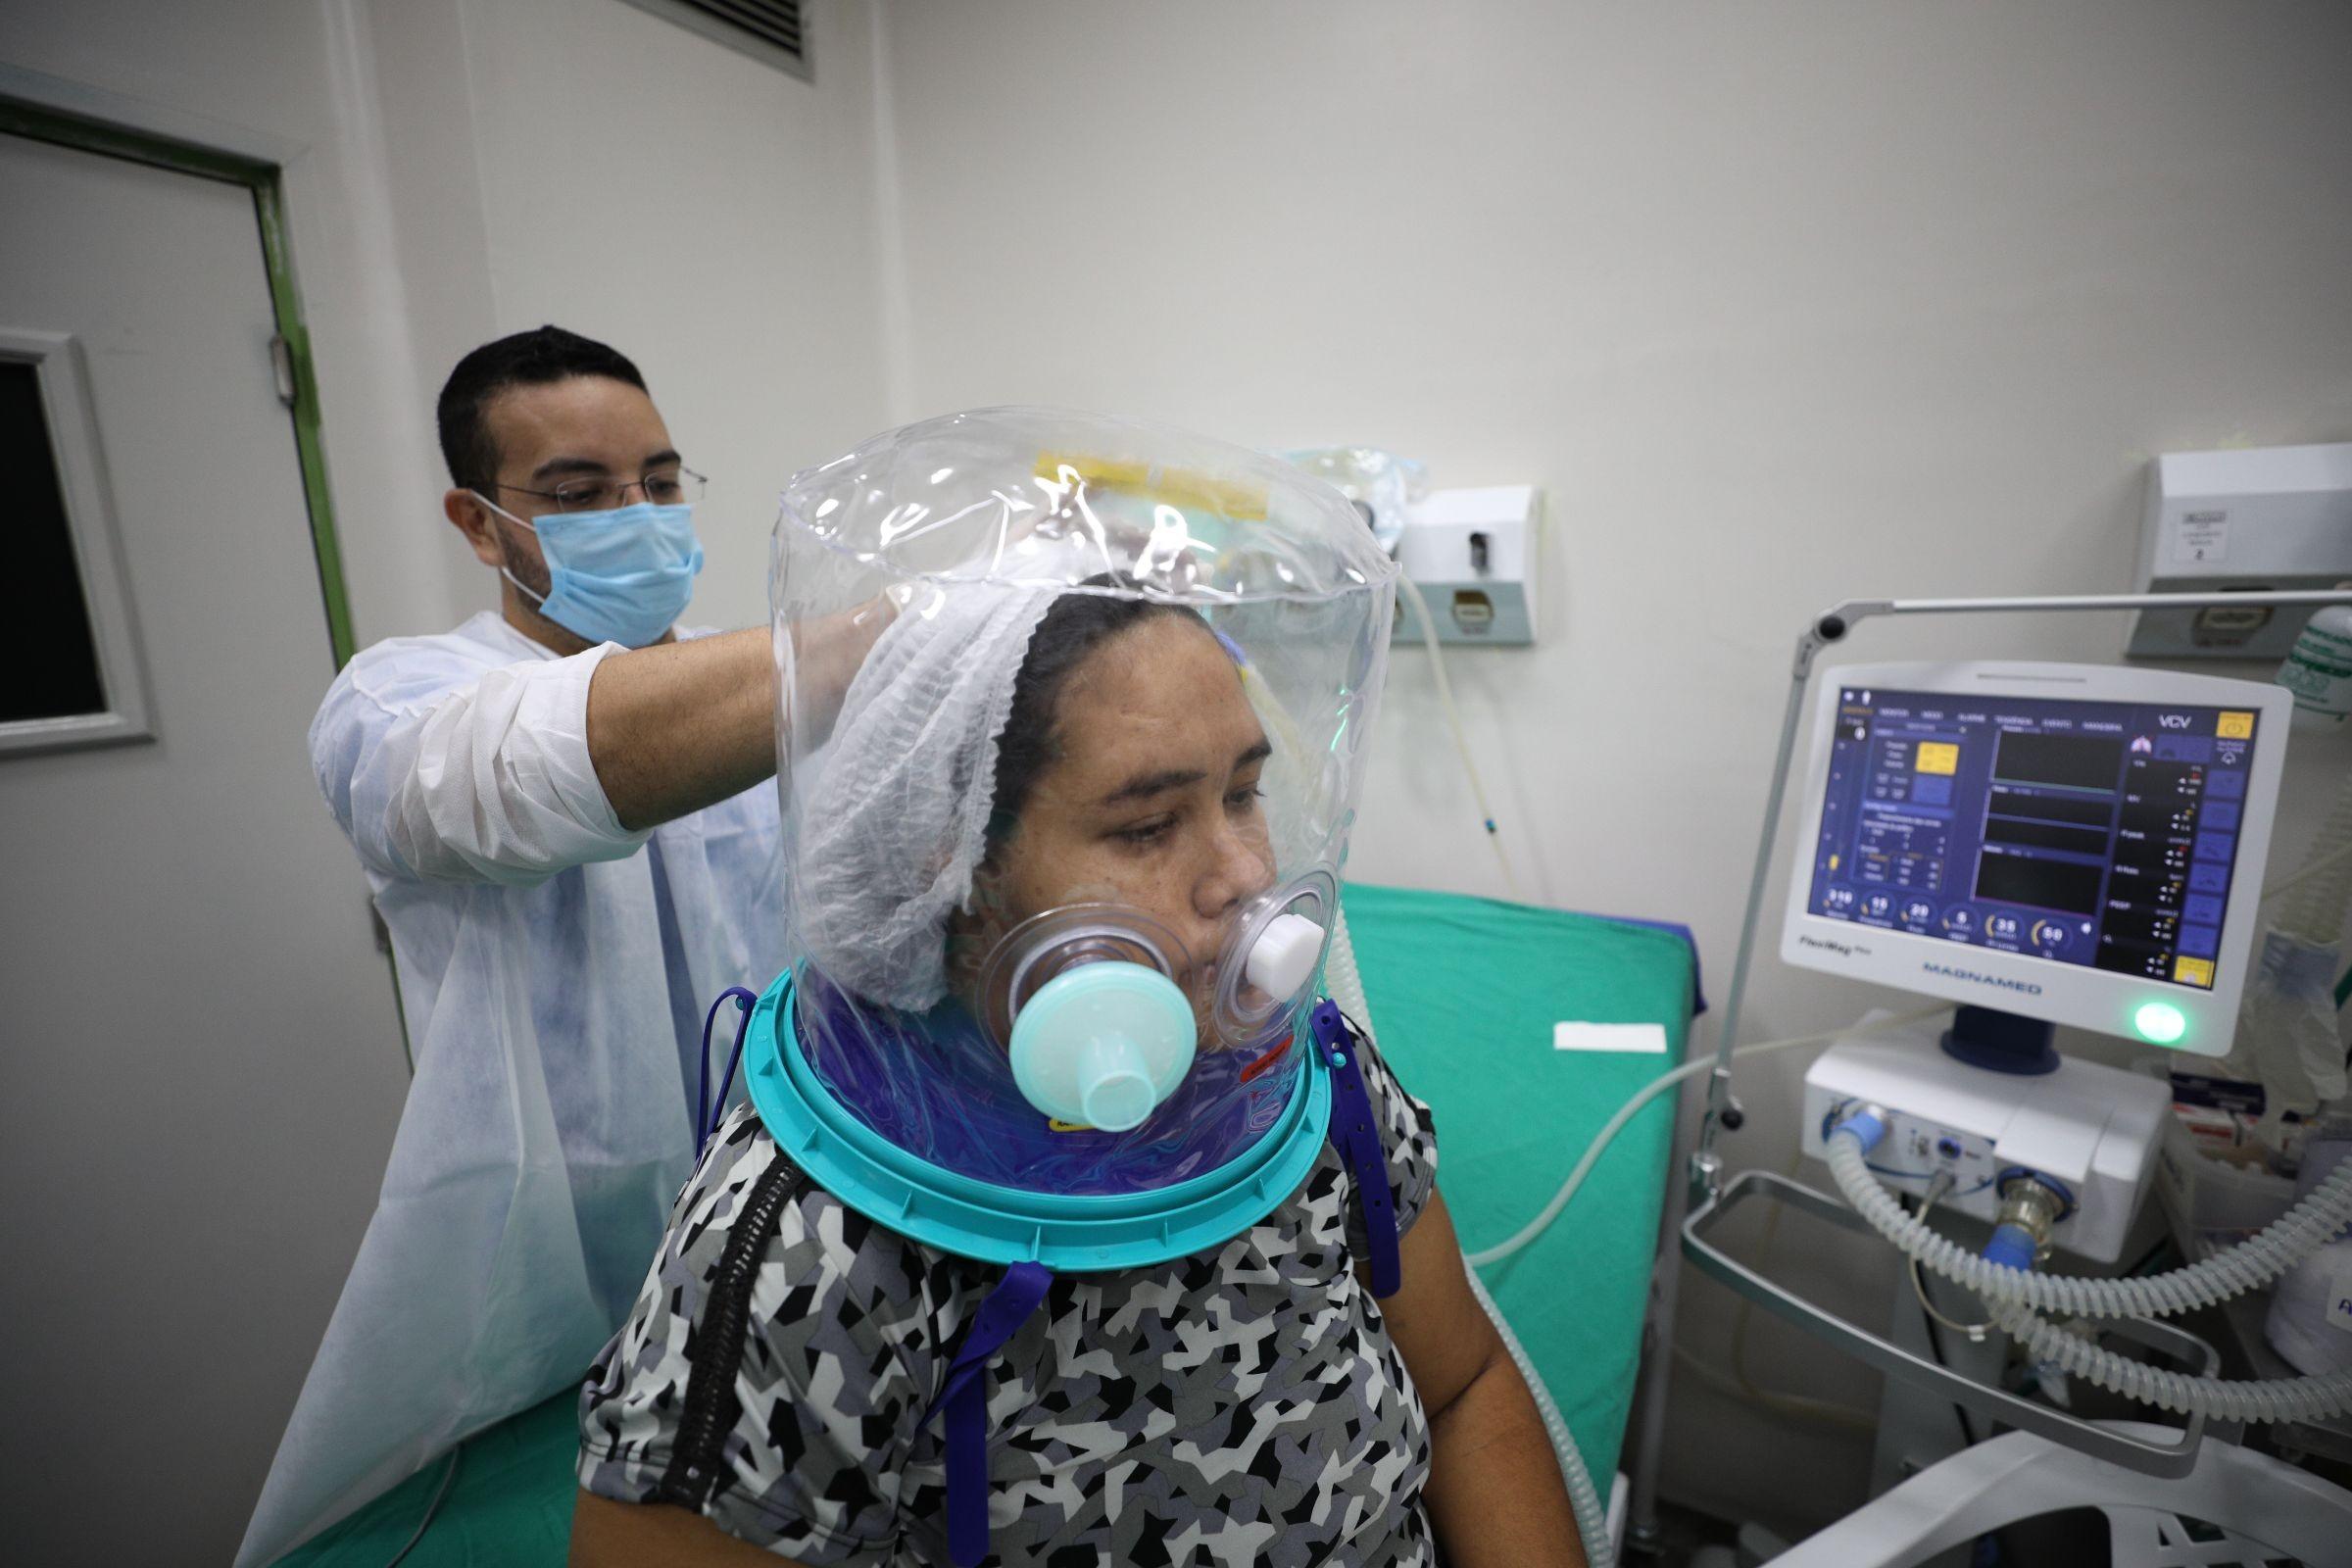 Capacete elmo é usado em pacientes com Covid-19 em hospitais de Manaus